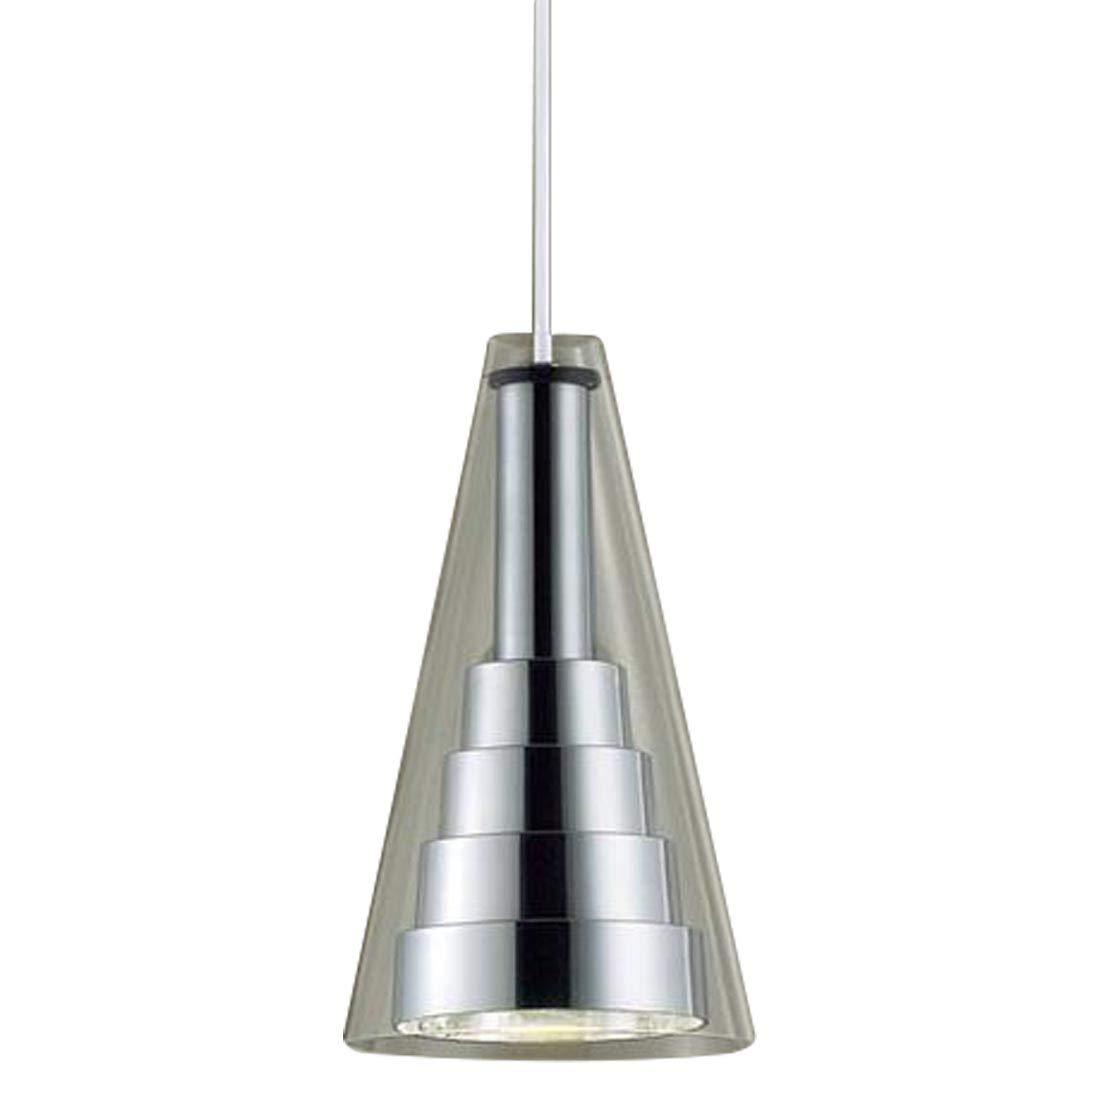 パナソニック Panasonic 照明器具ダイニング用LEDペンダントライト 電球色ガラスセードタイプ 直付タイプ 白熱電球40形1灯器具相当LGB15018Z